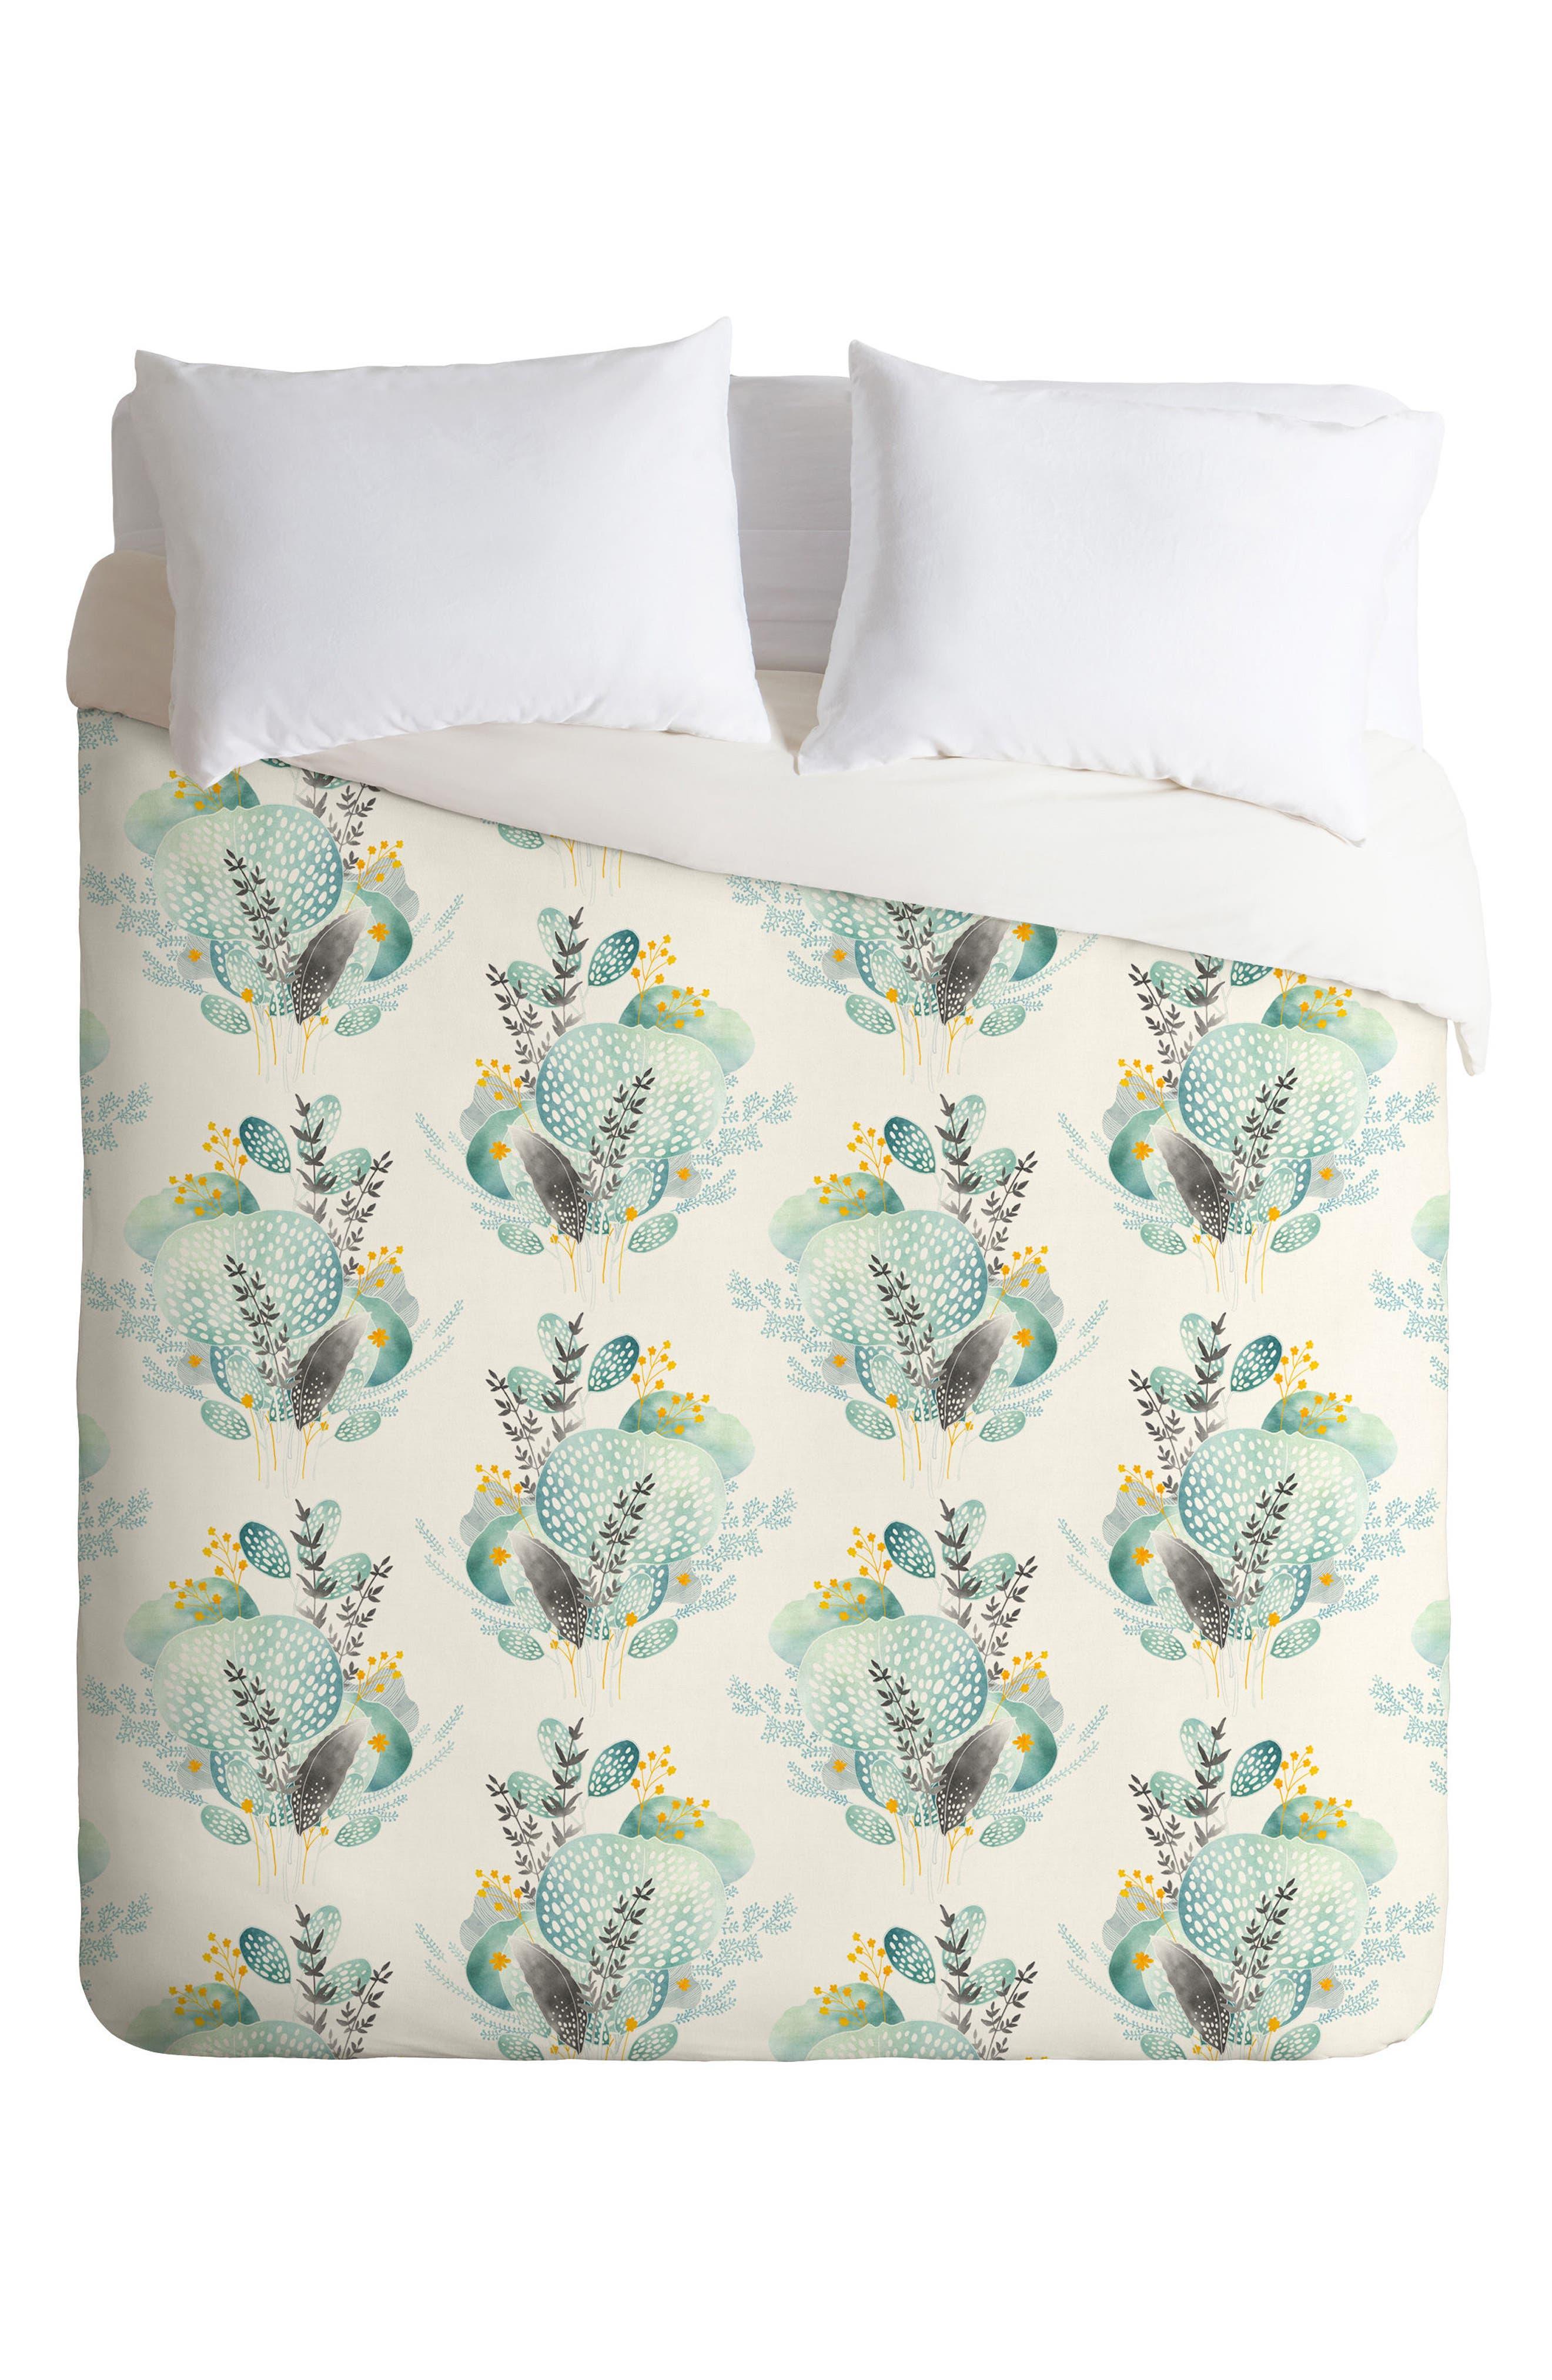 Alternate Image 1 Selected - Deny Designs Seaflower Duvet Cover & Sham Set